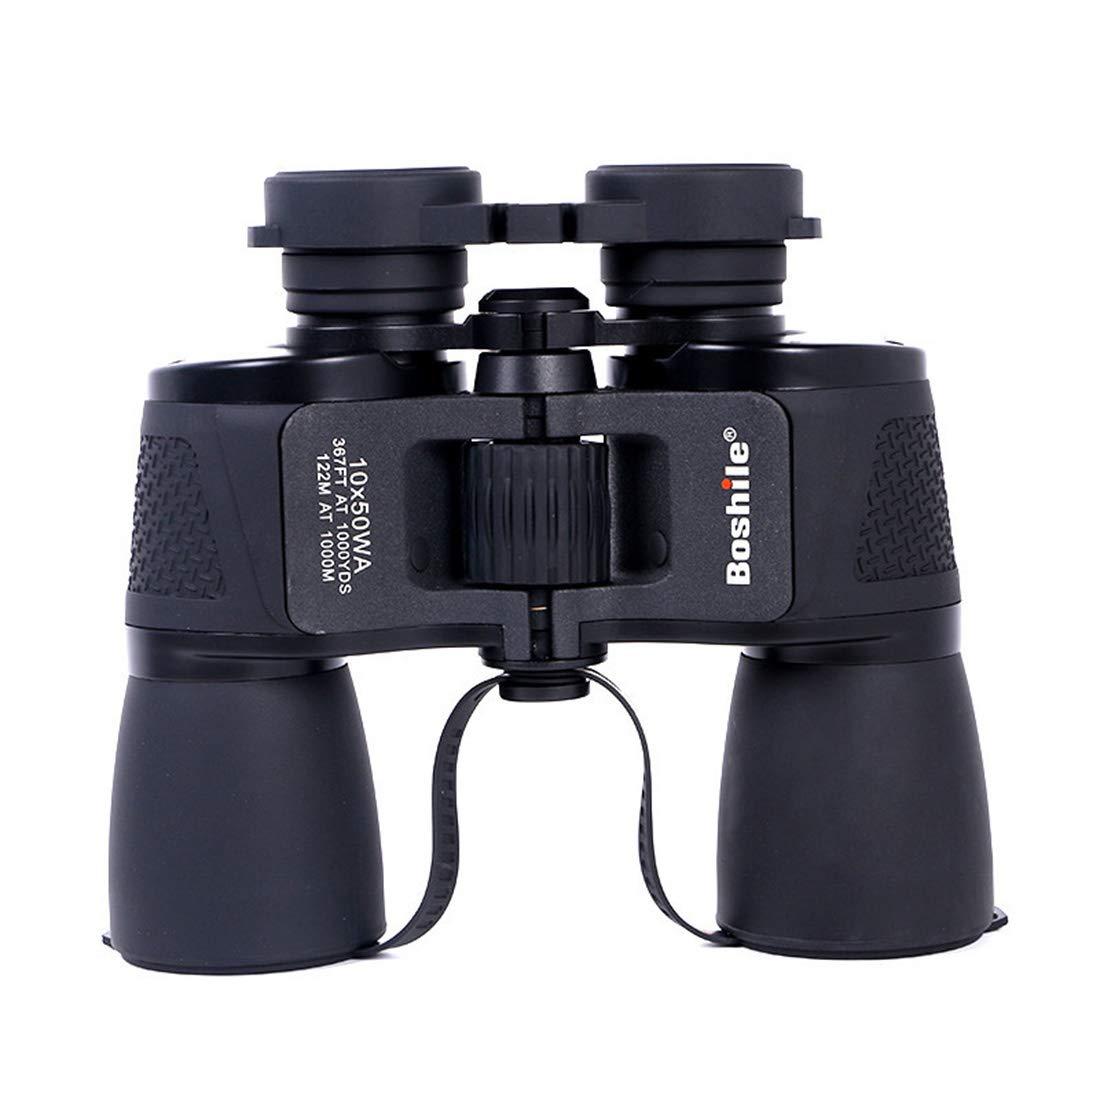 最大の割引 Foxsed-five HD双眼鏡10* HD双眼鏡10* 50高出力低光度ナイトビジョンコンサート屋外で使用する望遠鏡を見る ブラック Foxsed-five B07MCLXVTC, Headz Town:d6aba5df --- a0267596.xsph.ru